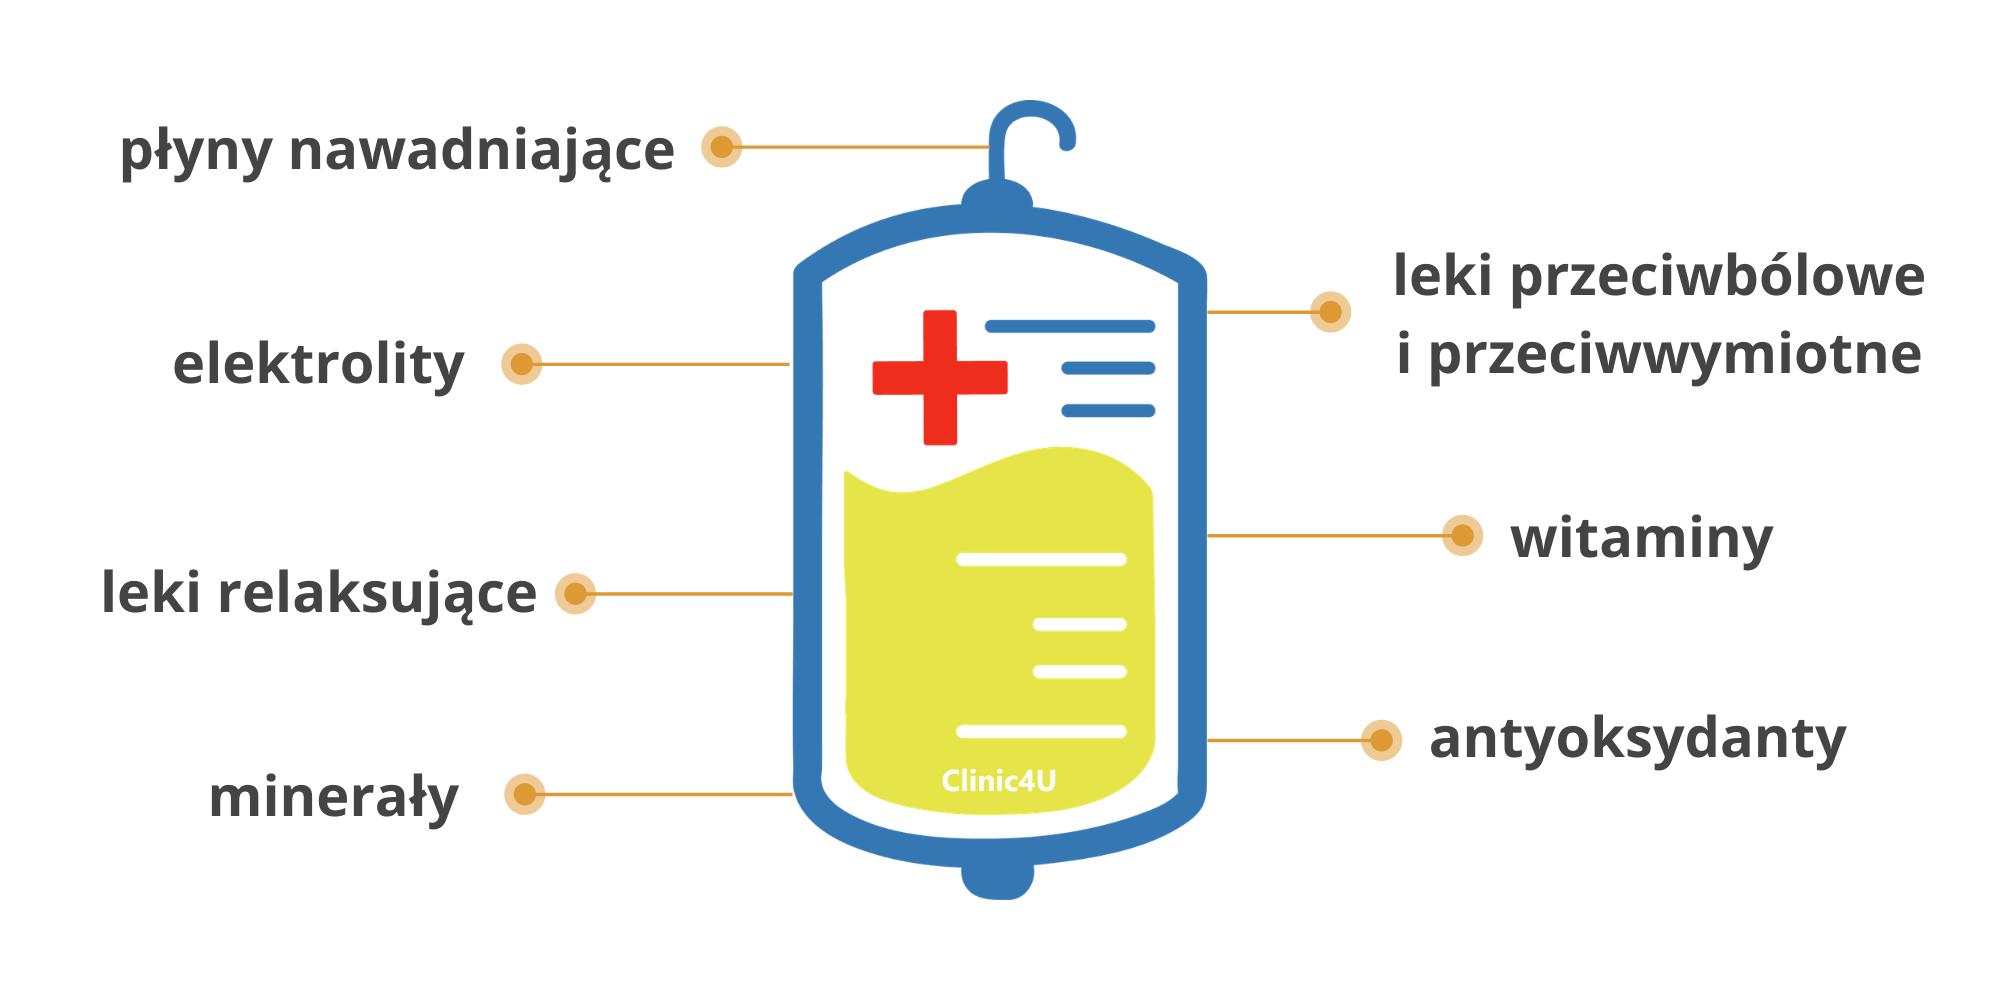 Skład kroplówki na kaca Clinic4u